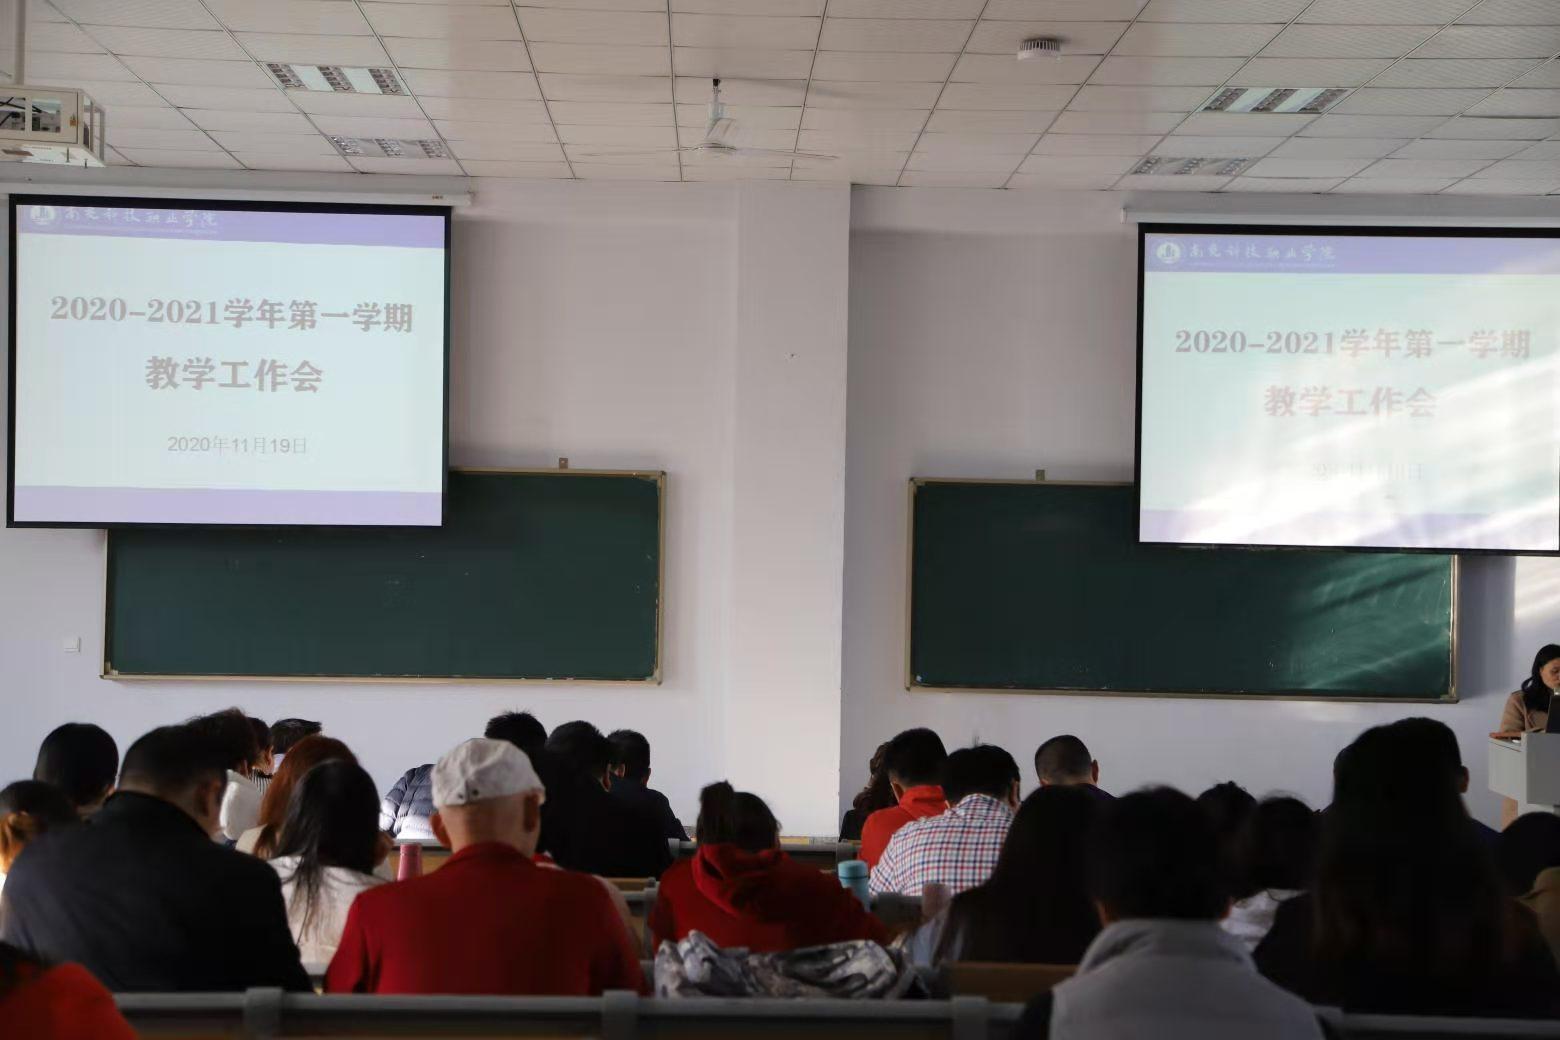 南充科技职业不卡高清国产无码召开2020-2021学年第一学期教学工作总结会